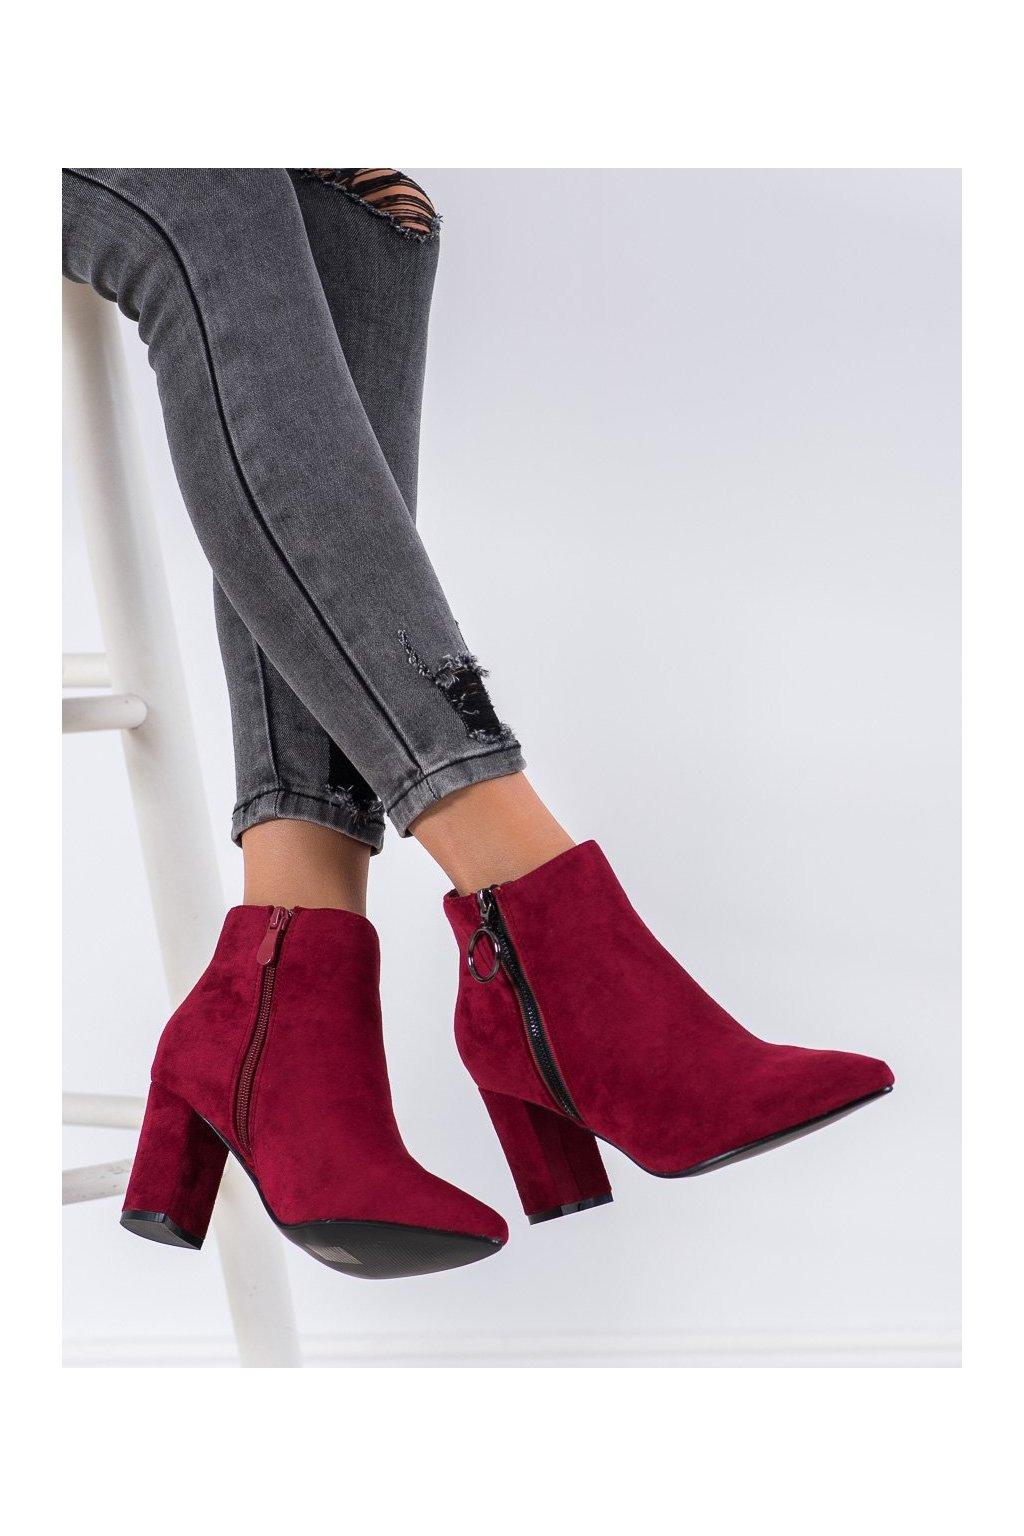 Červené dámske topánky Small swan kod OM279MAR